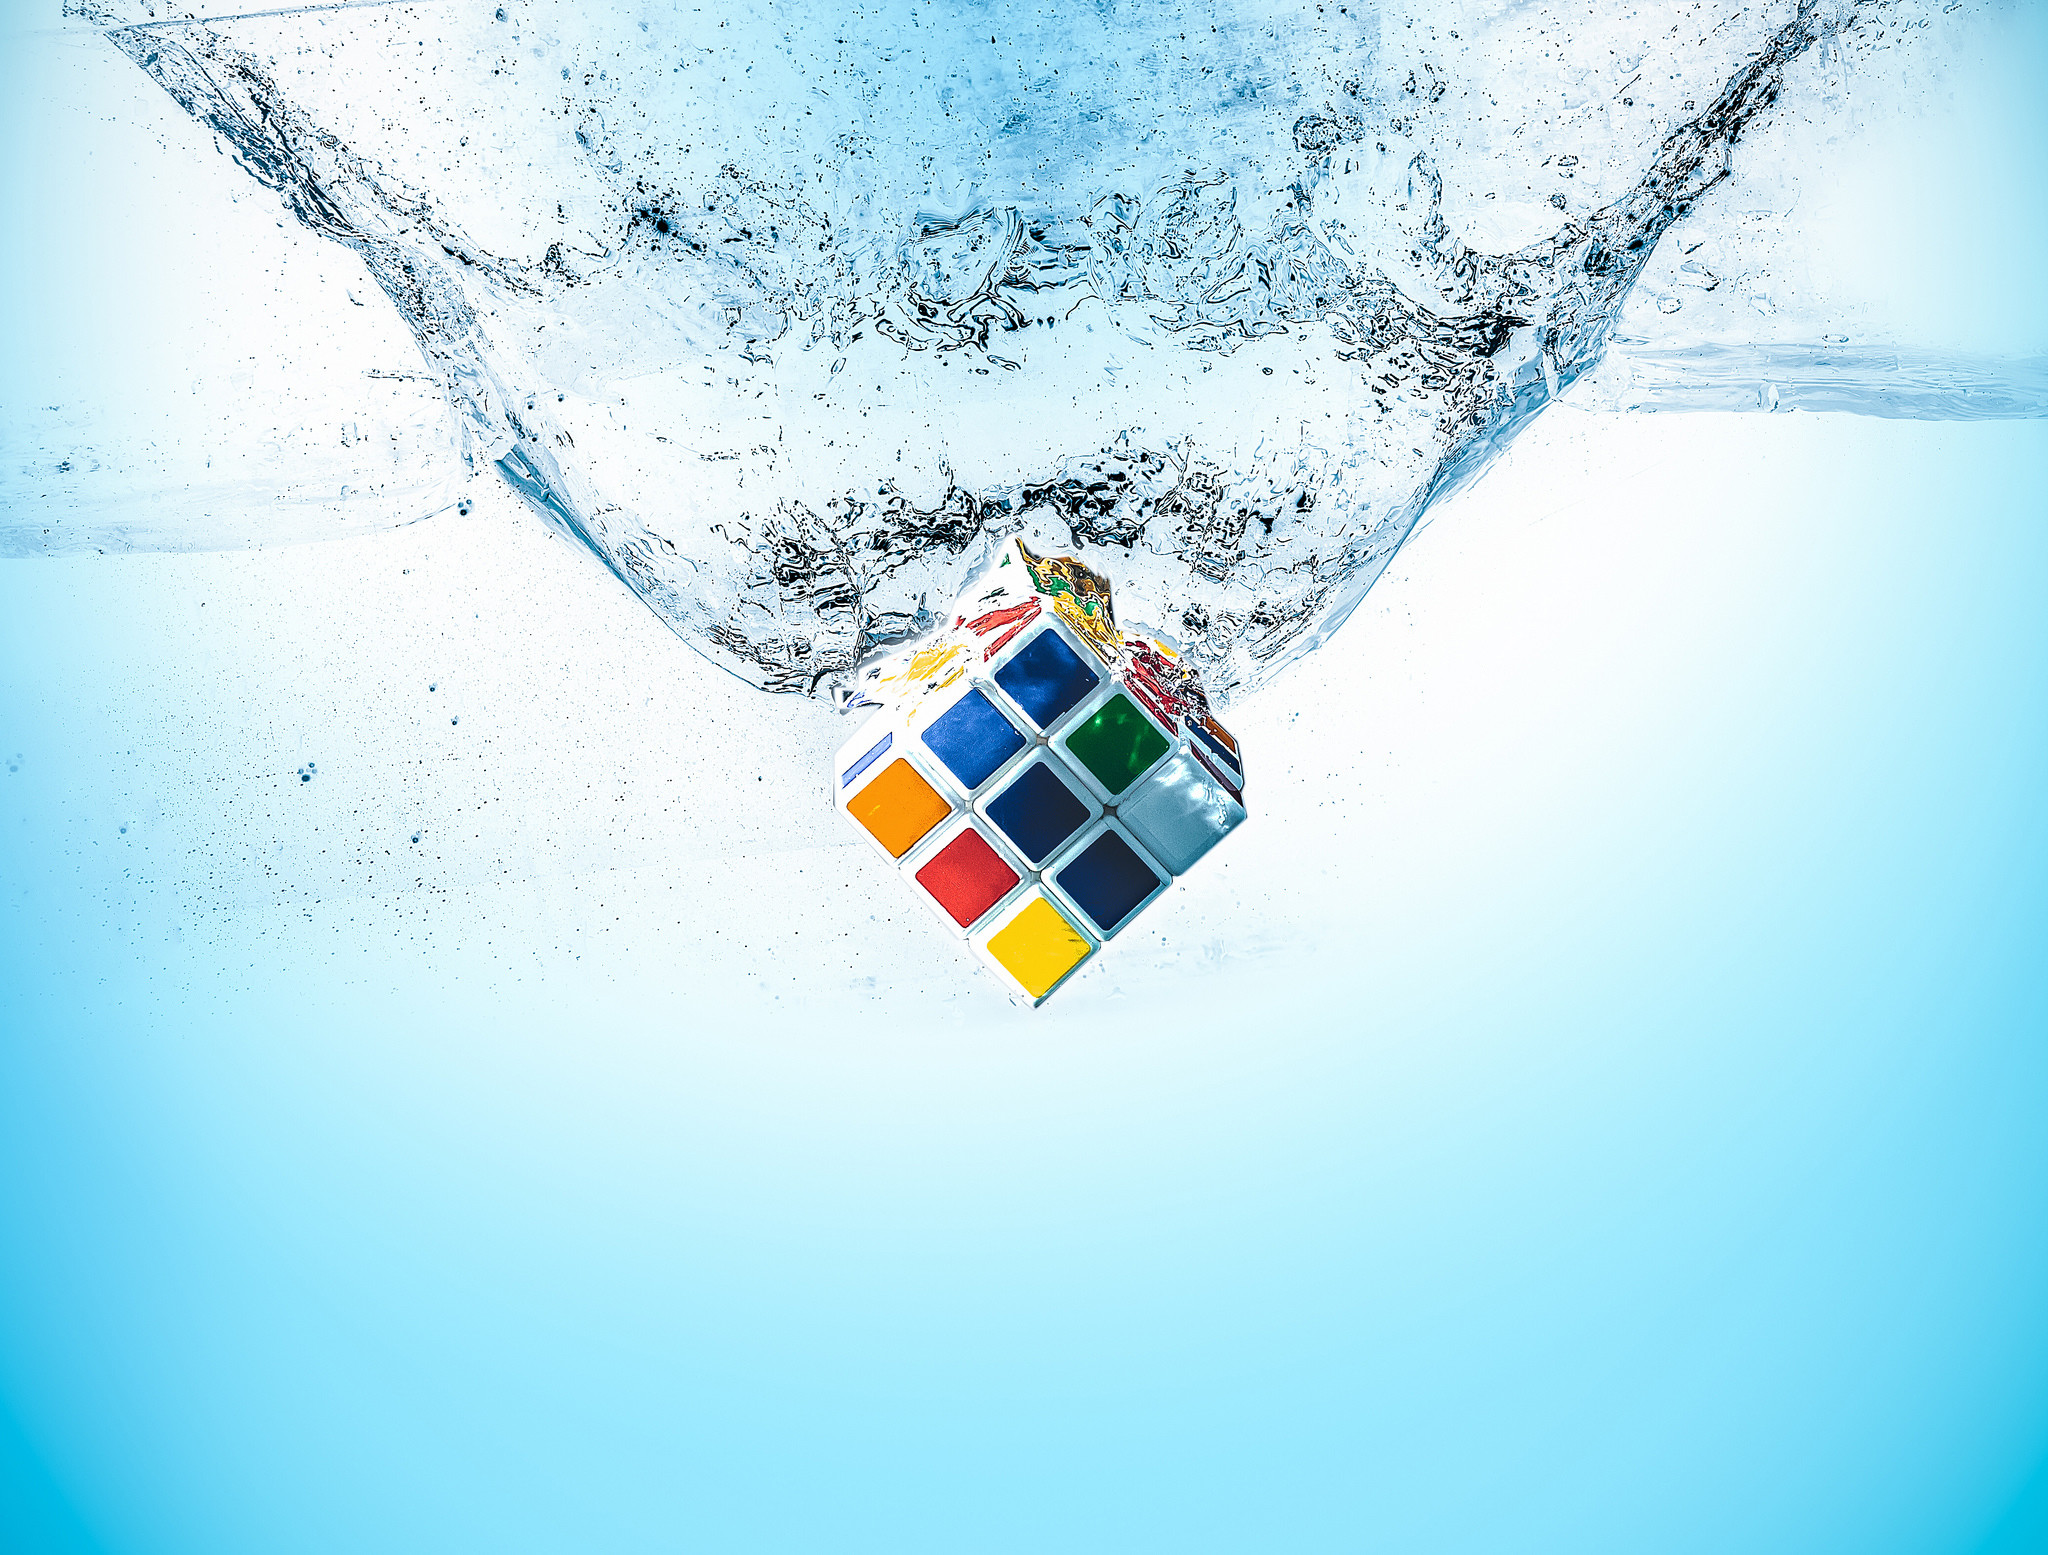 Rubiks Cube Splash